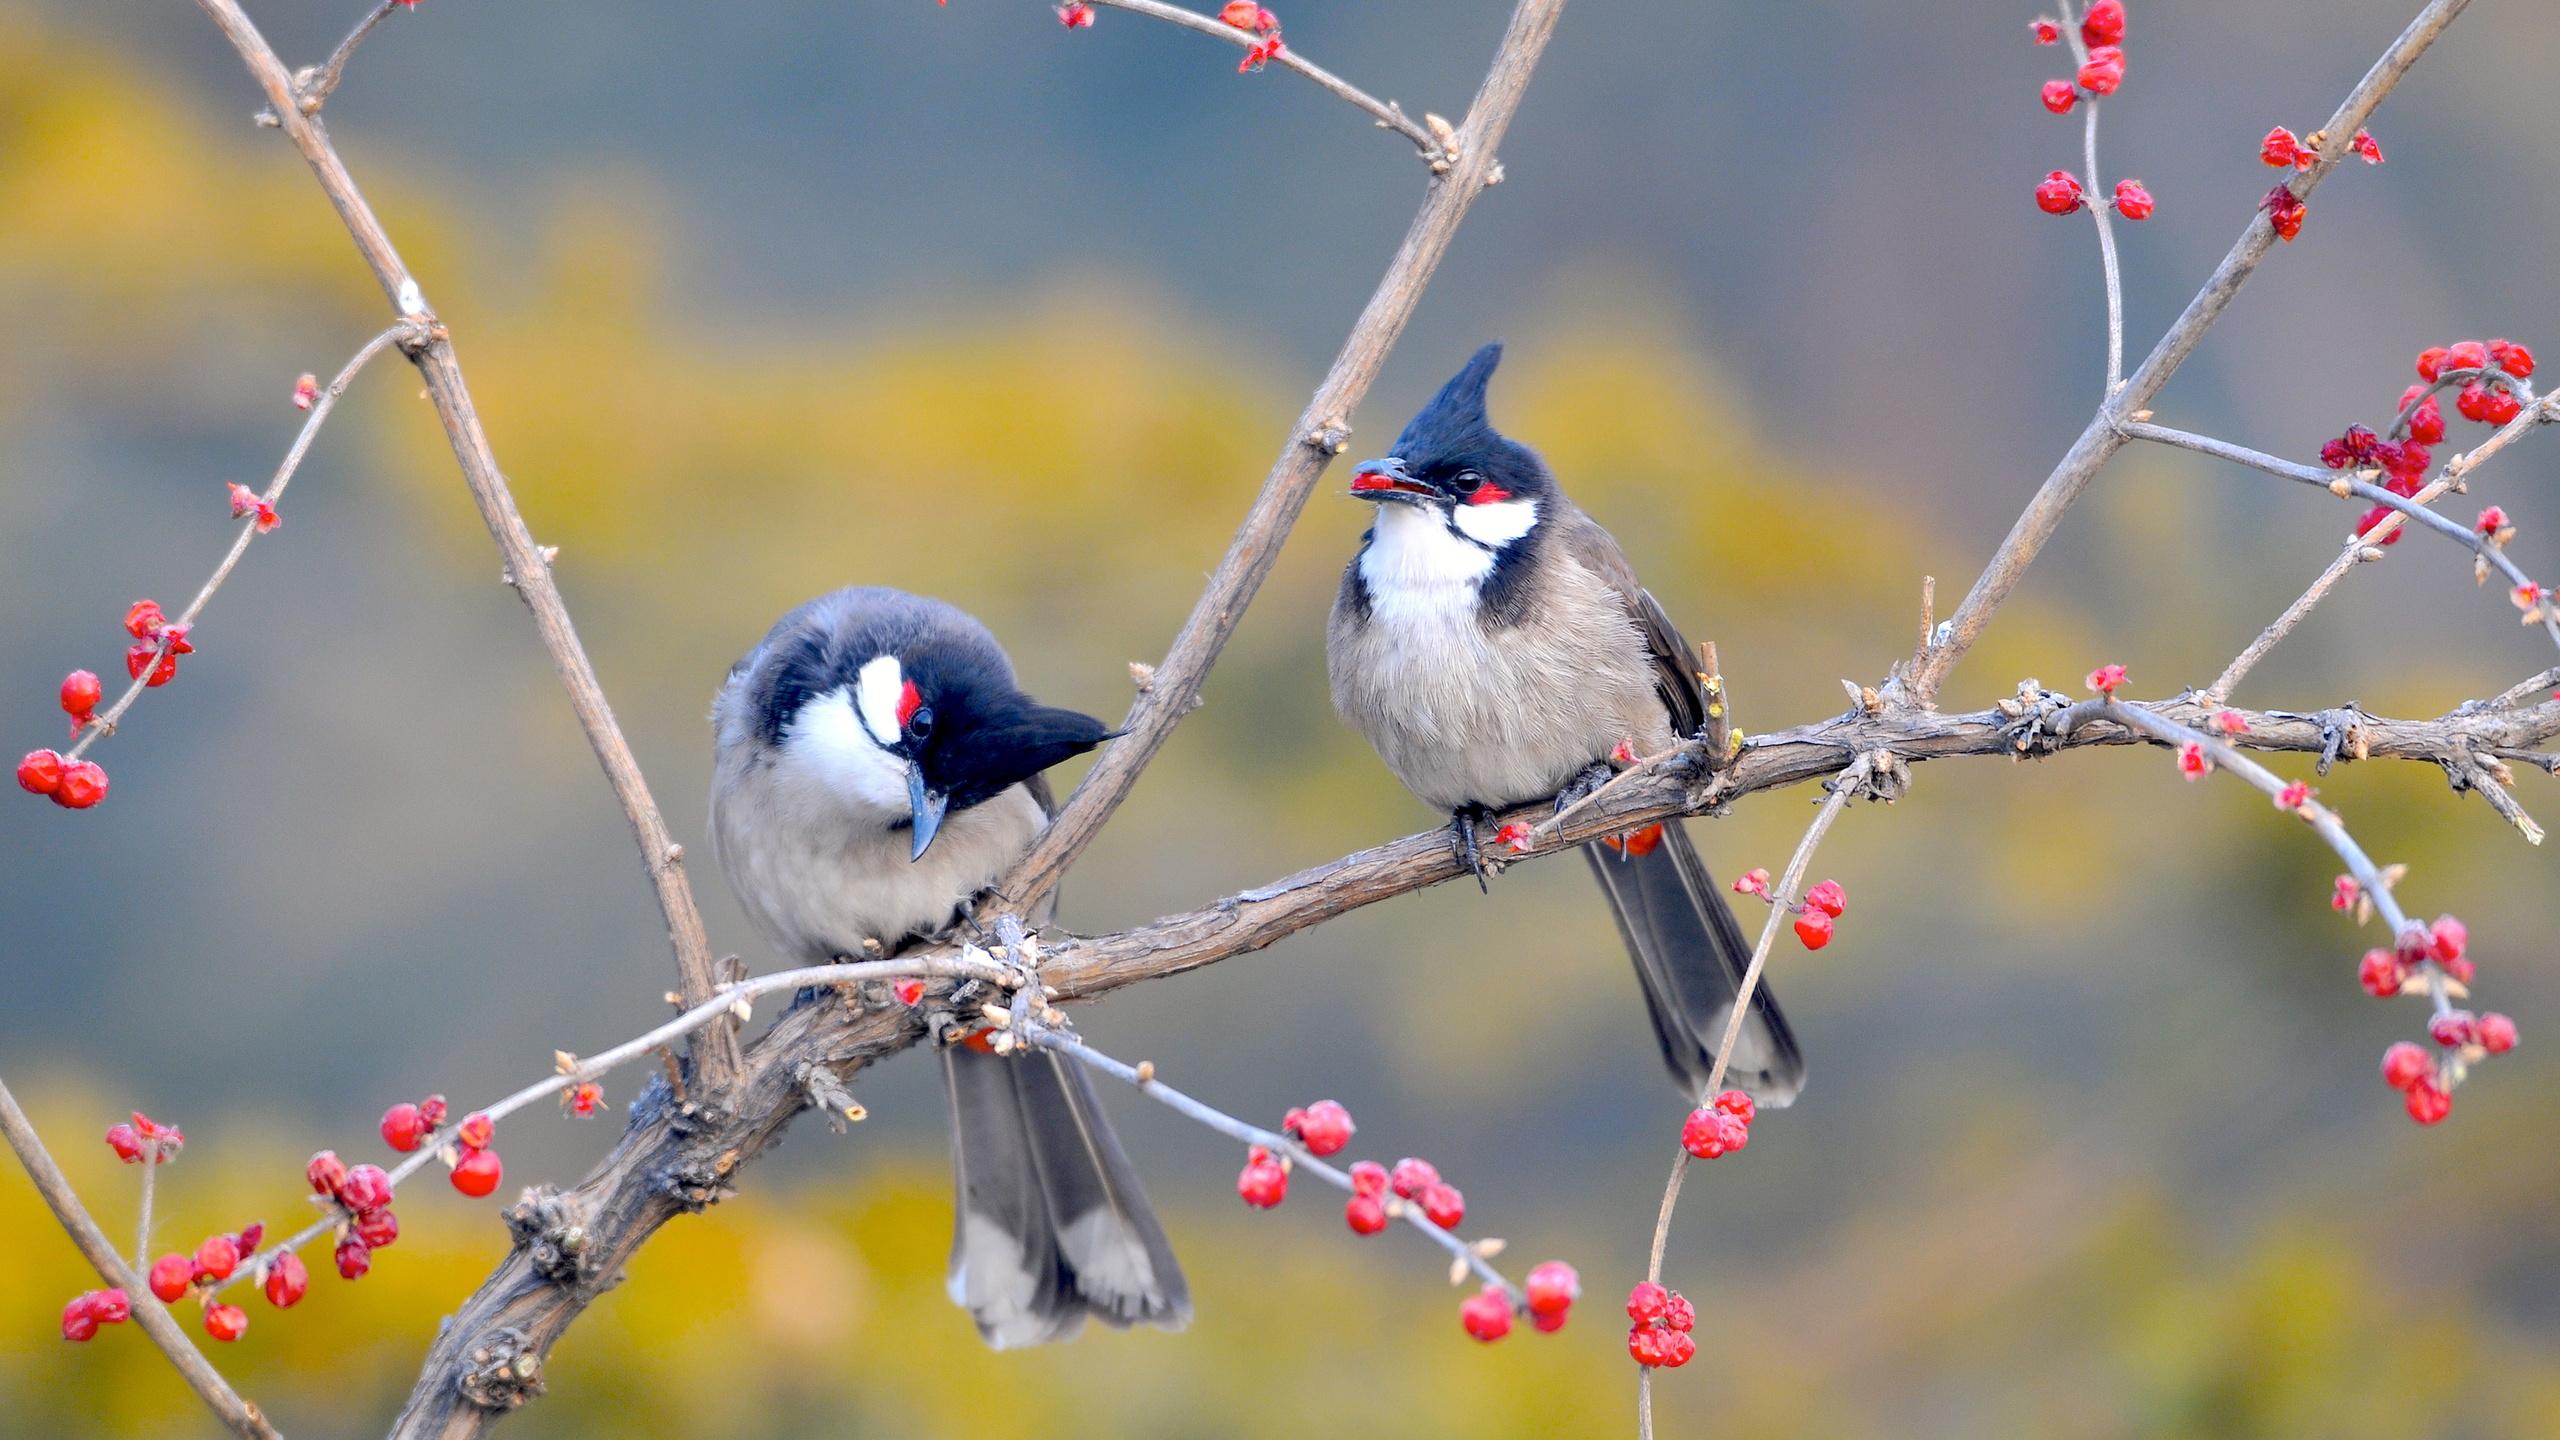 птицы, ветка